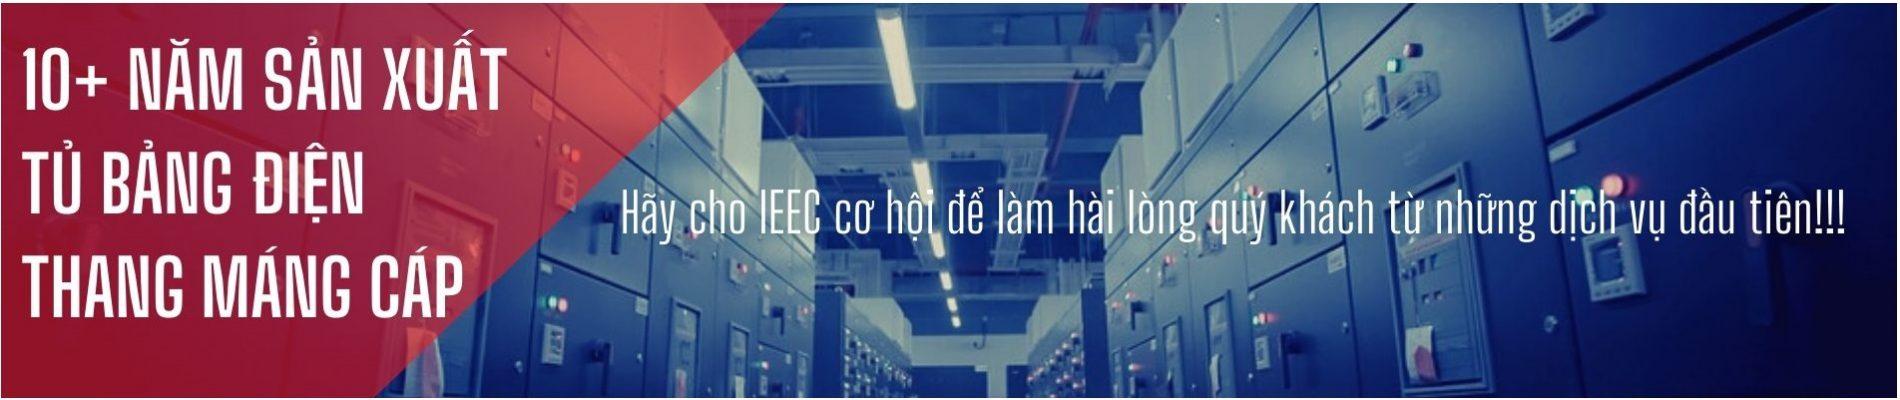 Banner tủ bảng điện, thang máng cáp IEEC Việt Nam